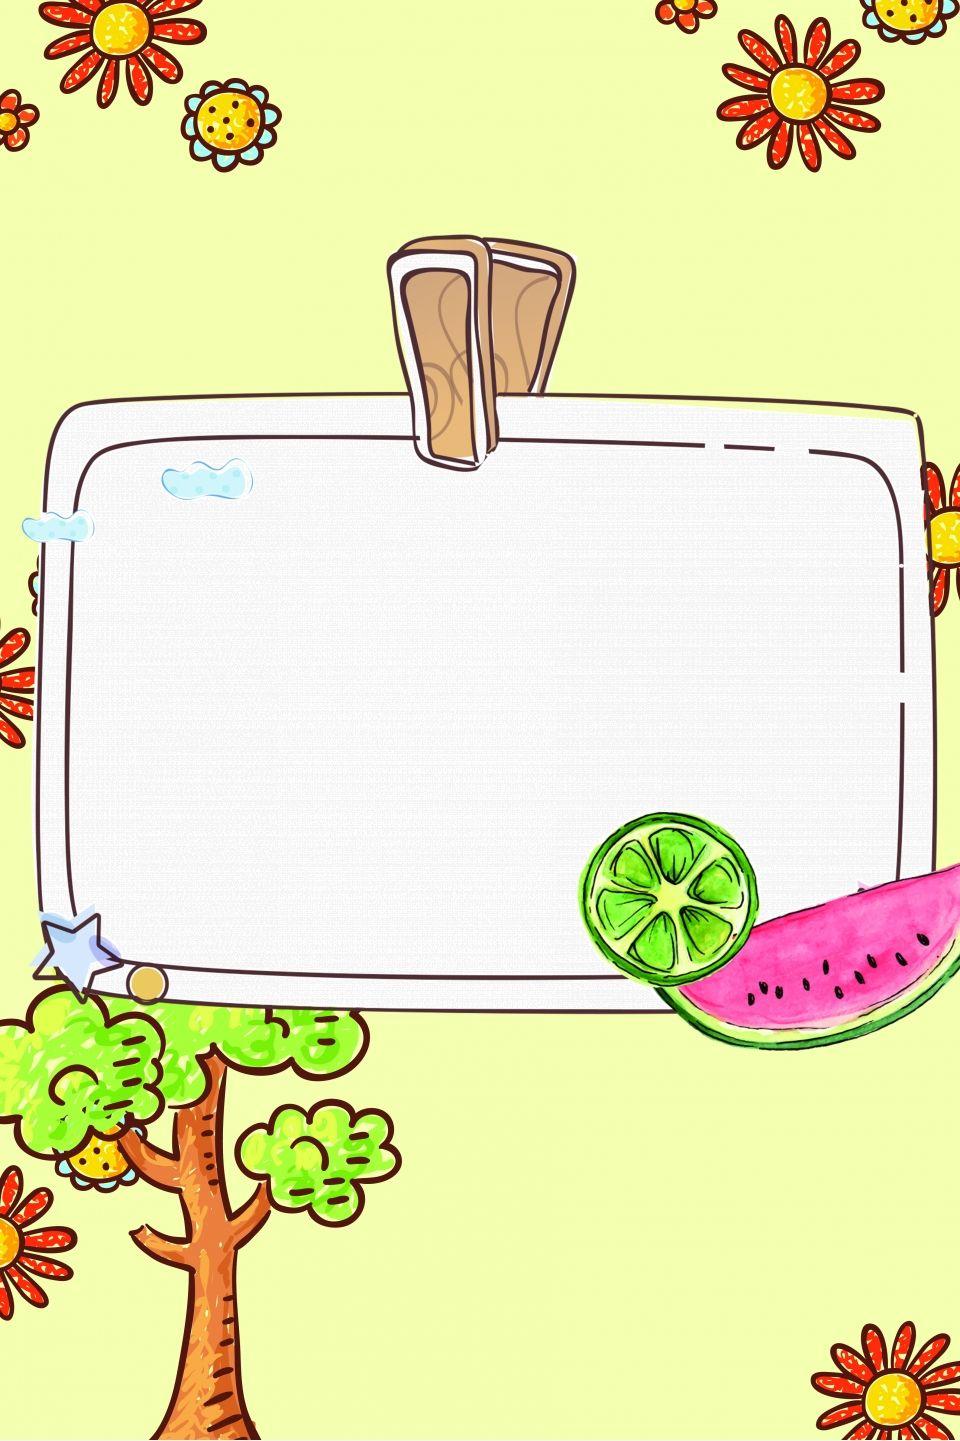 File Di Crescita Scuola Materna File Di Scuola Materna Carino Free Printable Stationery Photo Book Template Printable Stationery